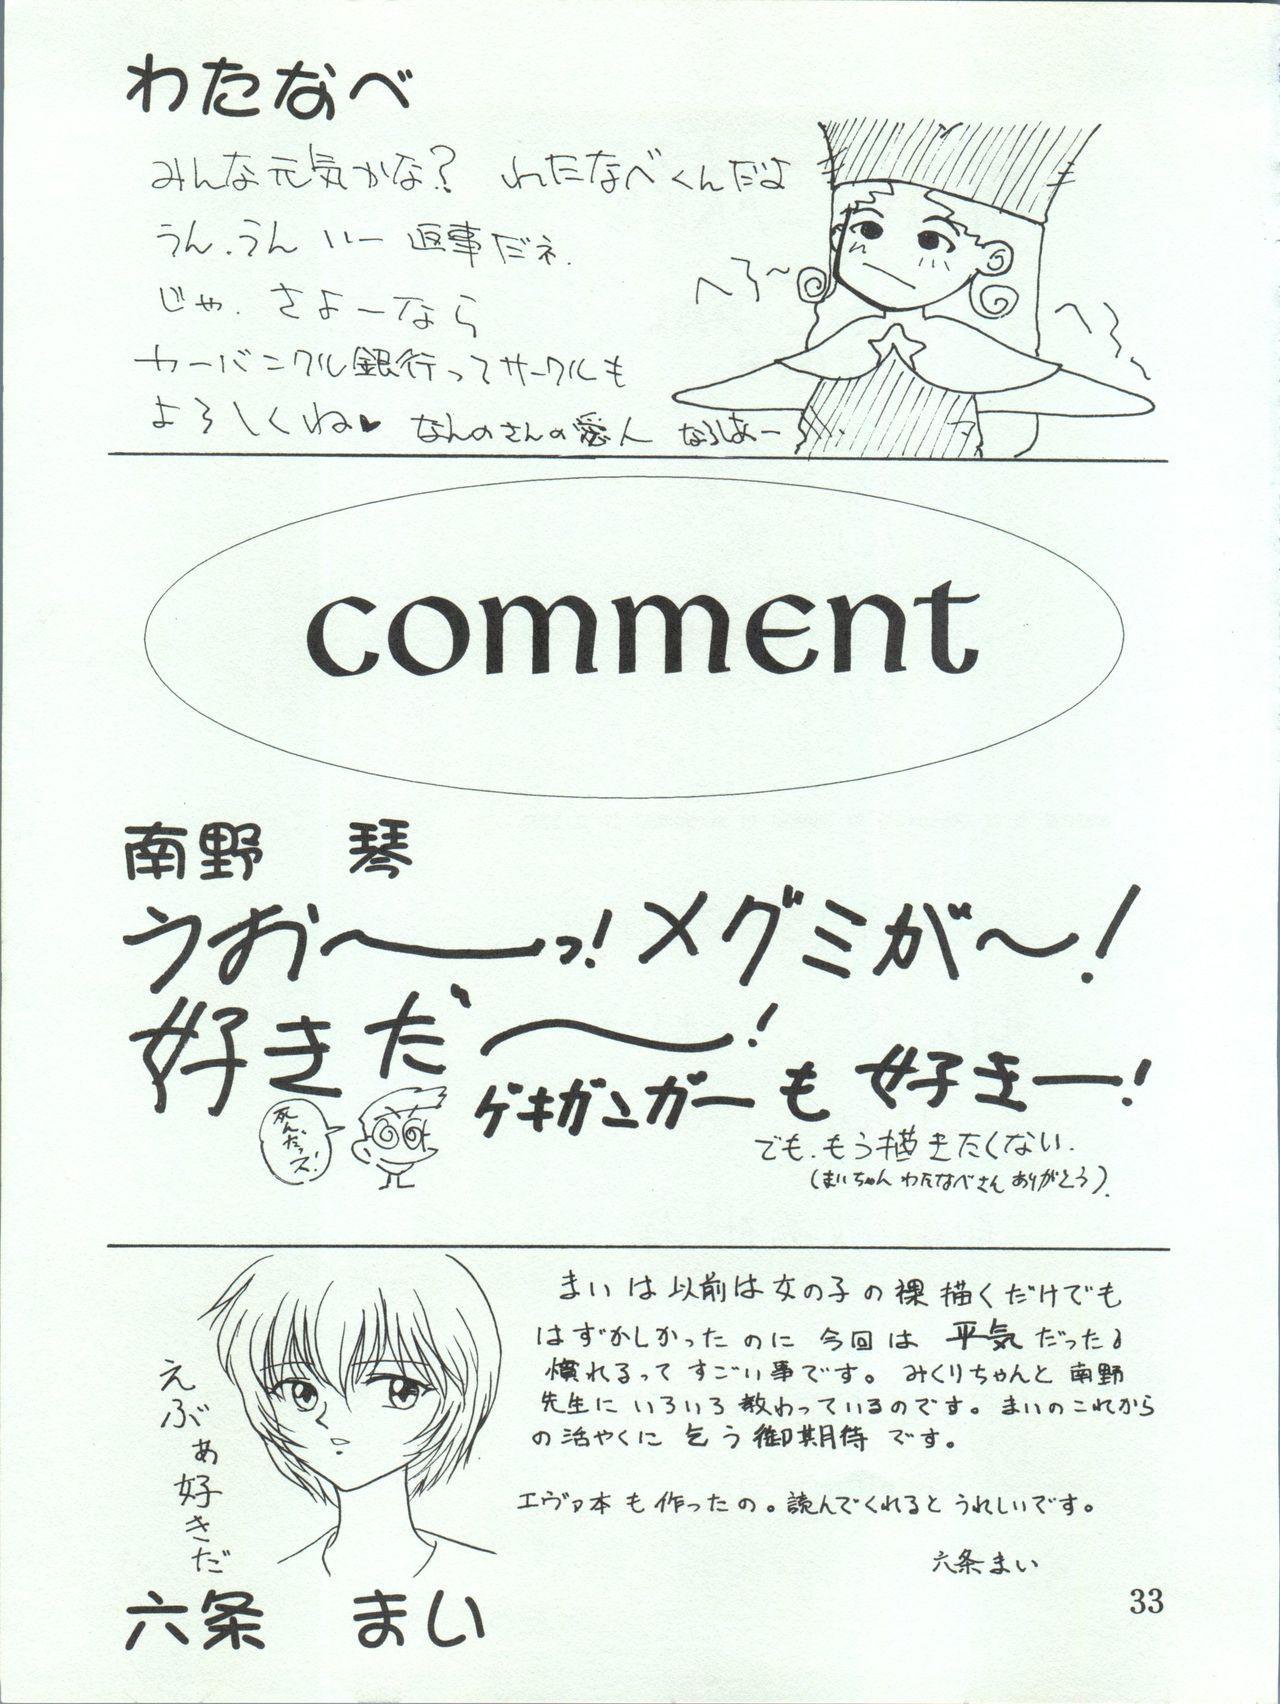 Wanpaku Anime 5 Daibakugeki 31